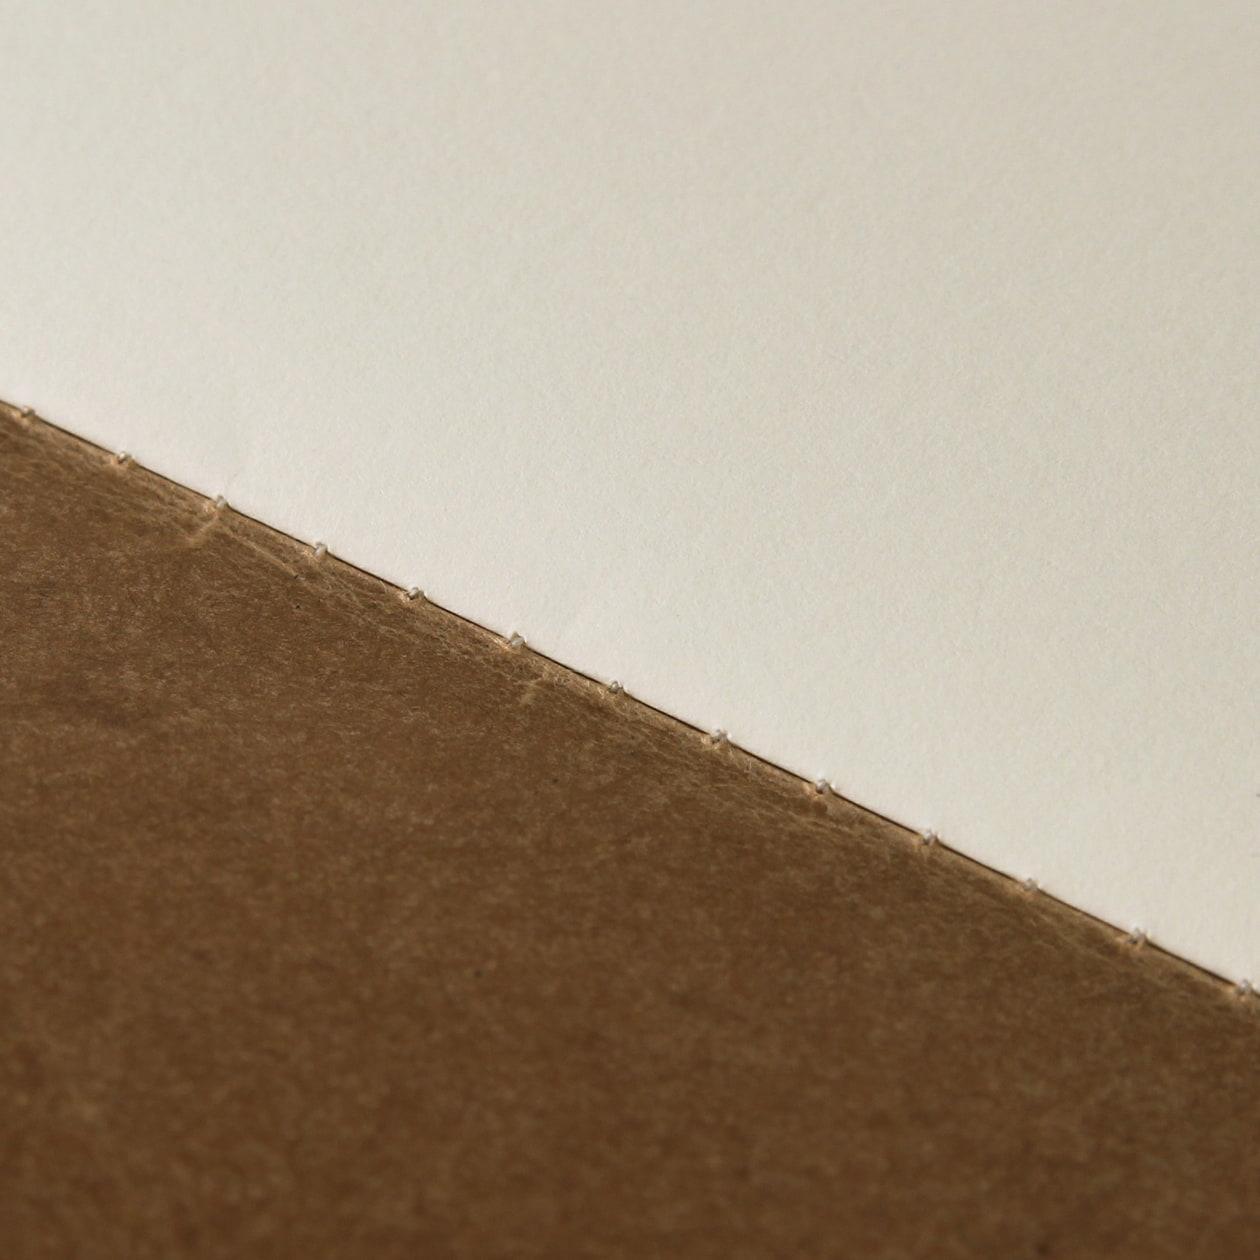 ロウ引きの表紙でクラフト&アンティークなZINE